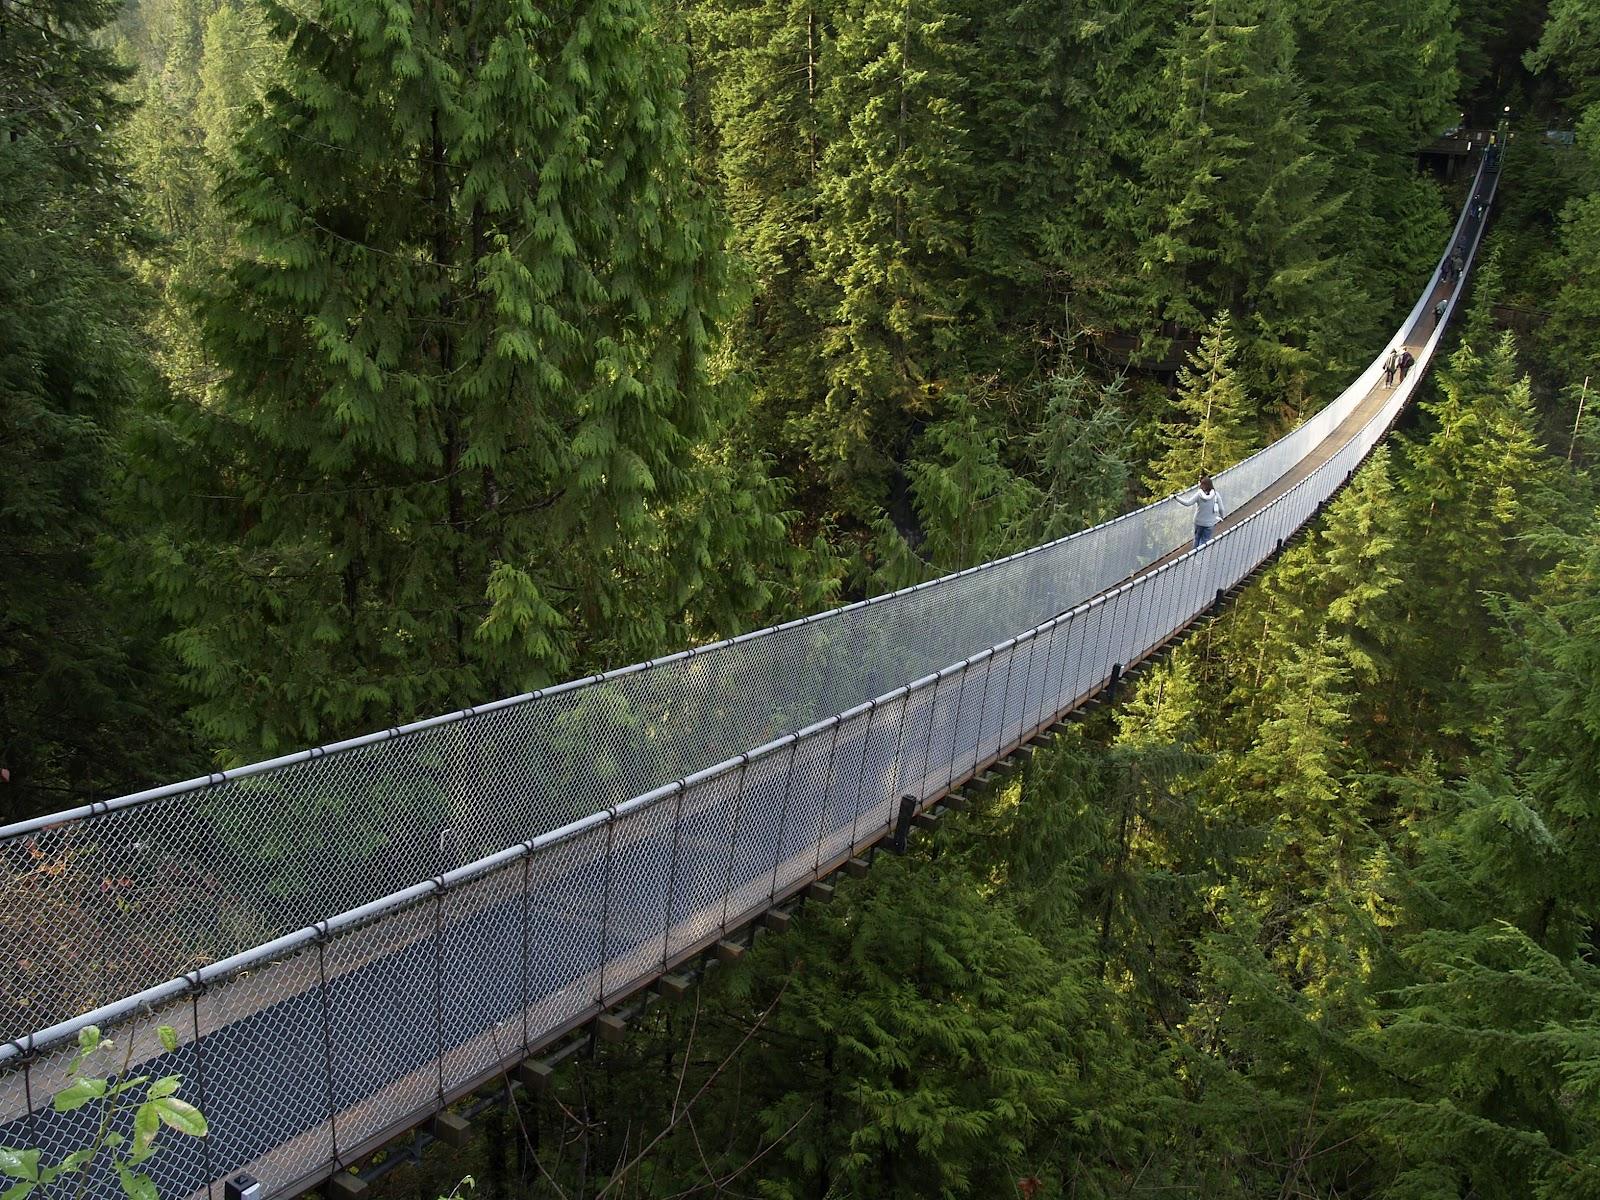 capilano suspension bridge british columbia canada architecture. Black Bedroom Furniture Sets. Home Design Ideas